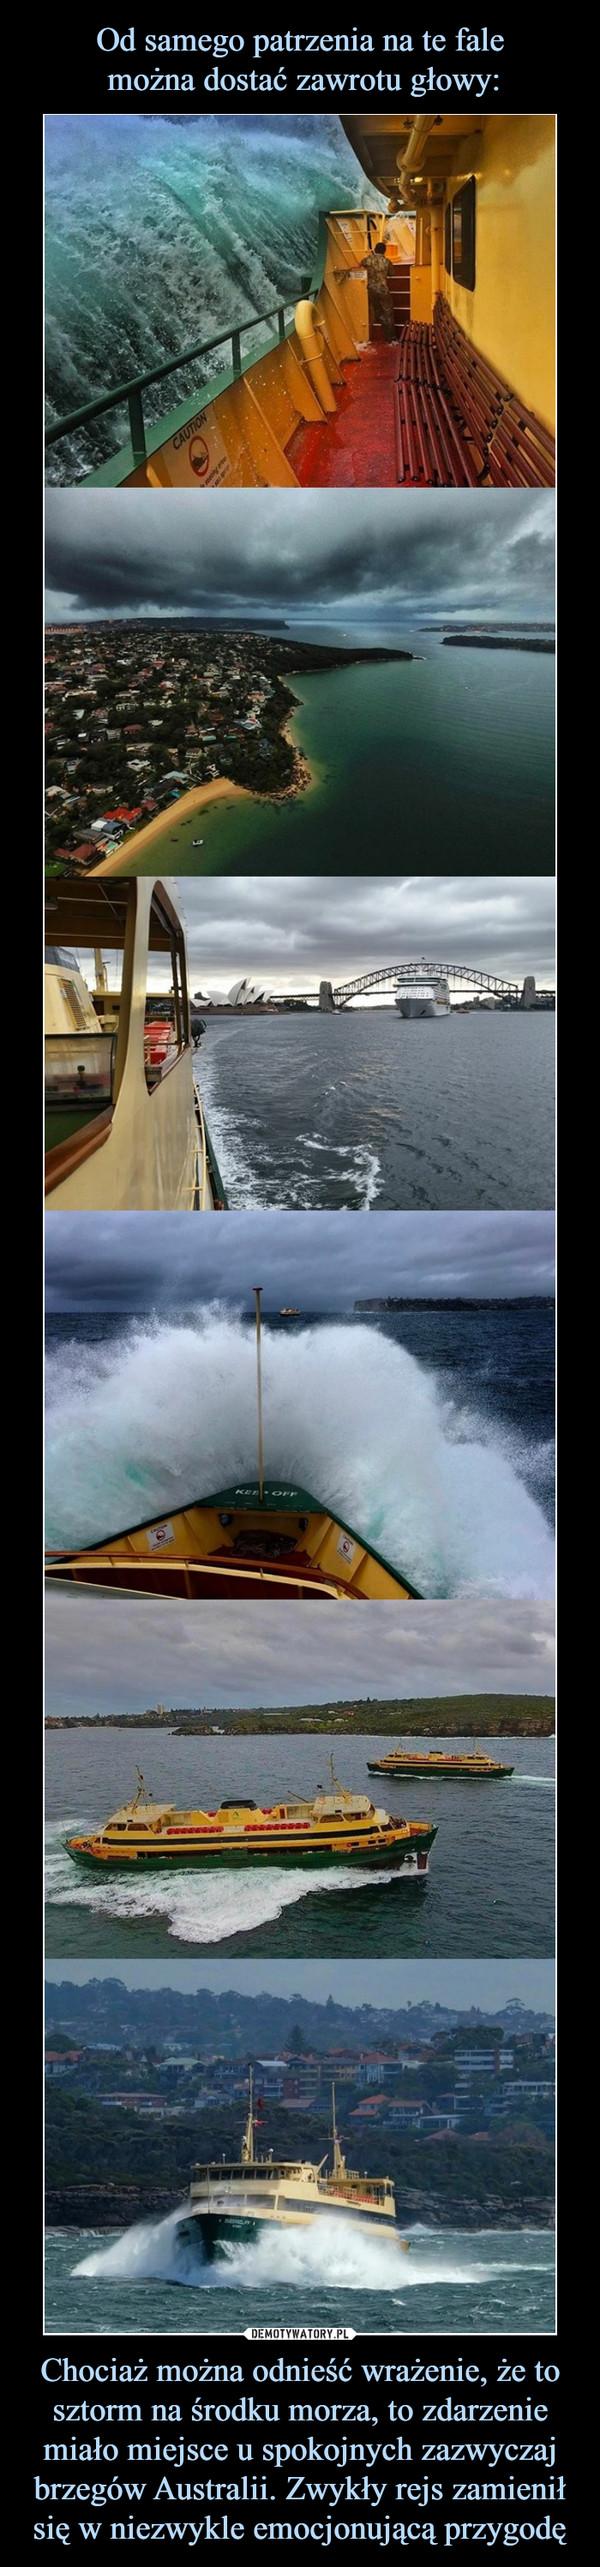 Chociaż można odnieść wrażenie, że to sztorm na środku morza, to zdarzenie miało miejsce u spokojnych zazwyczaj brzegów Australii. Zwykły rejs zamienił się w niezwykle emocjonującą przygodę –